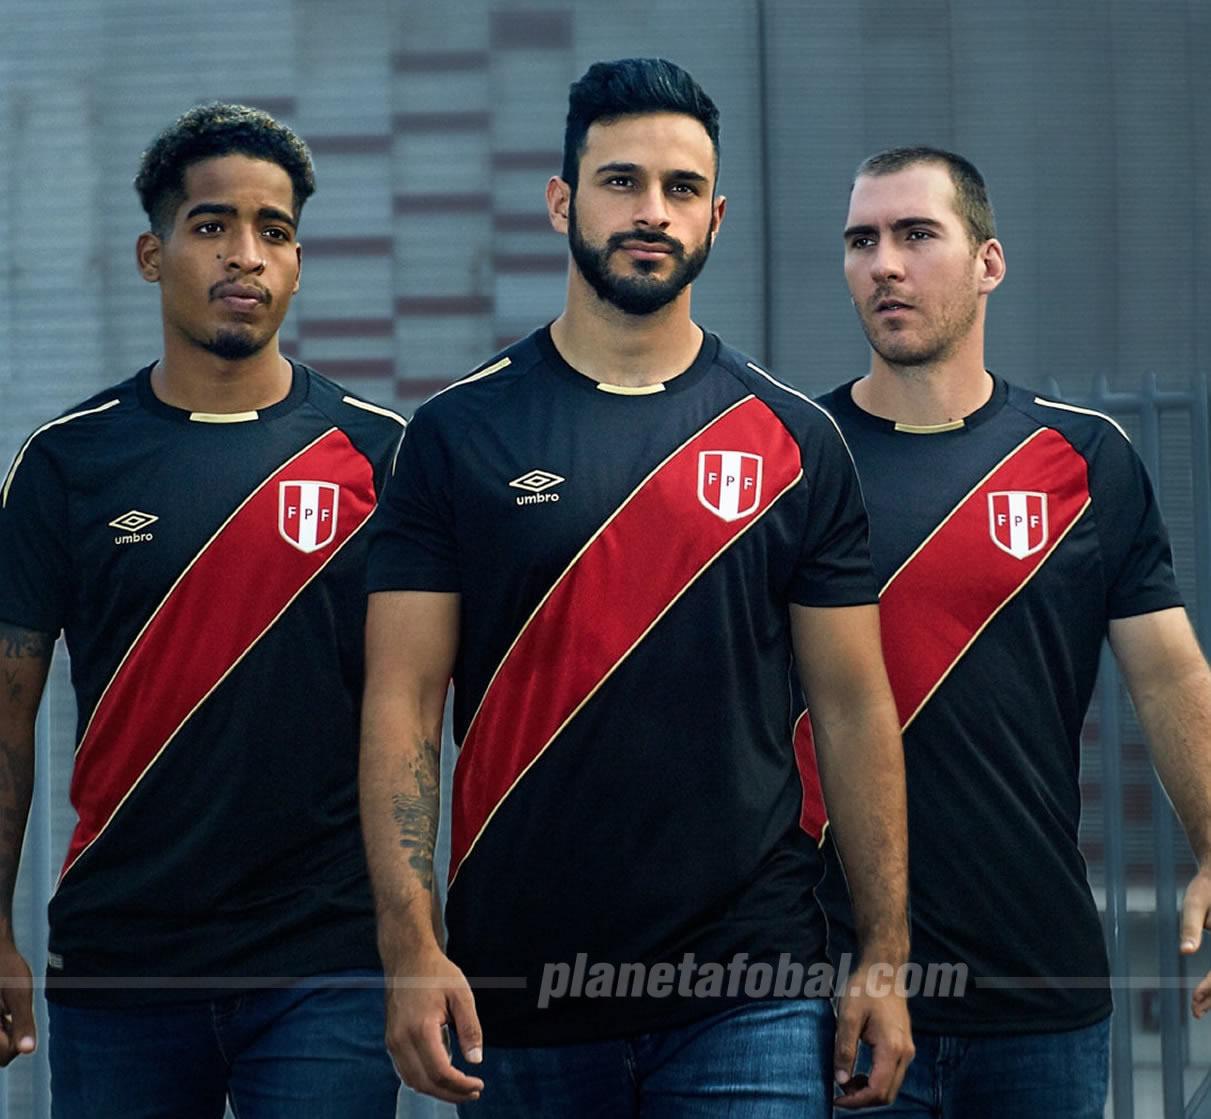 Camiseta edición limitada de Perú 2018 | Imagen Umbro